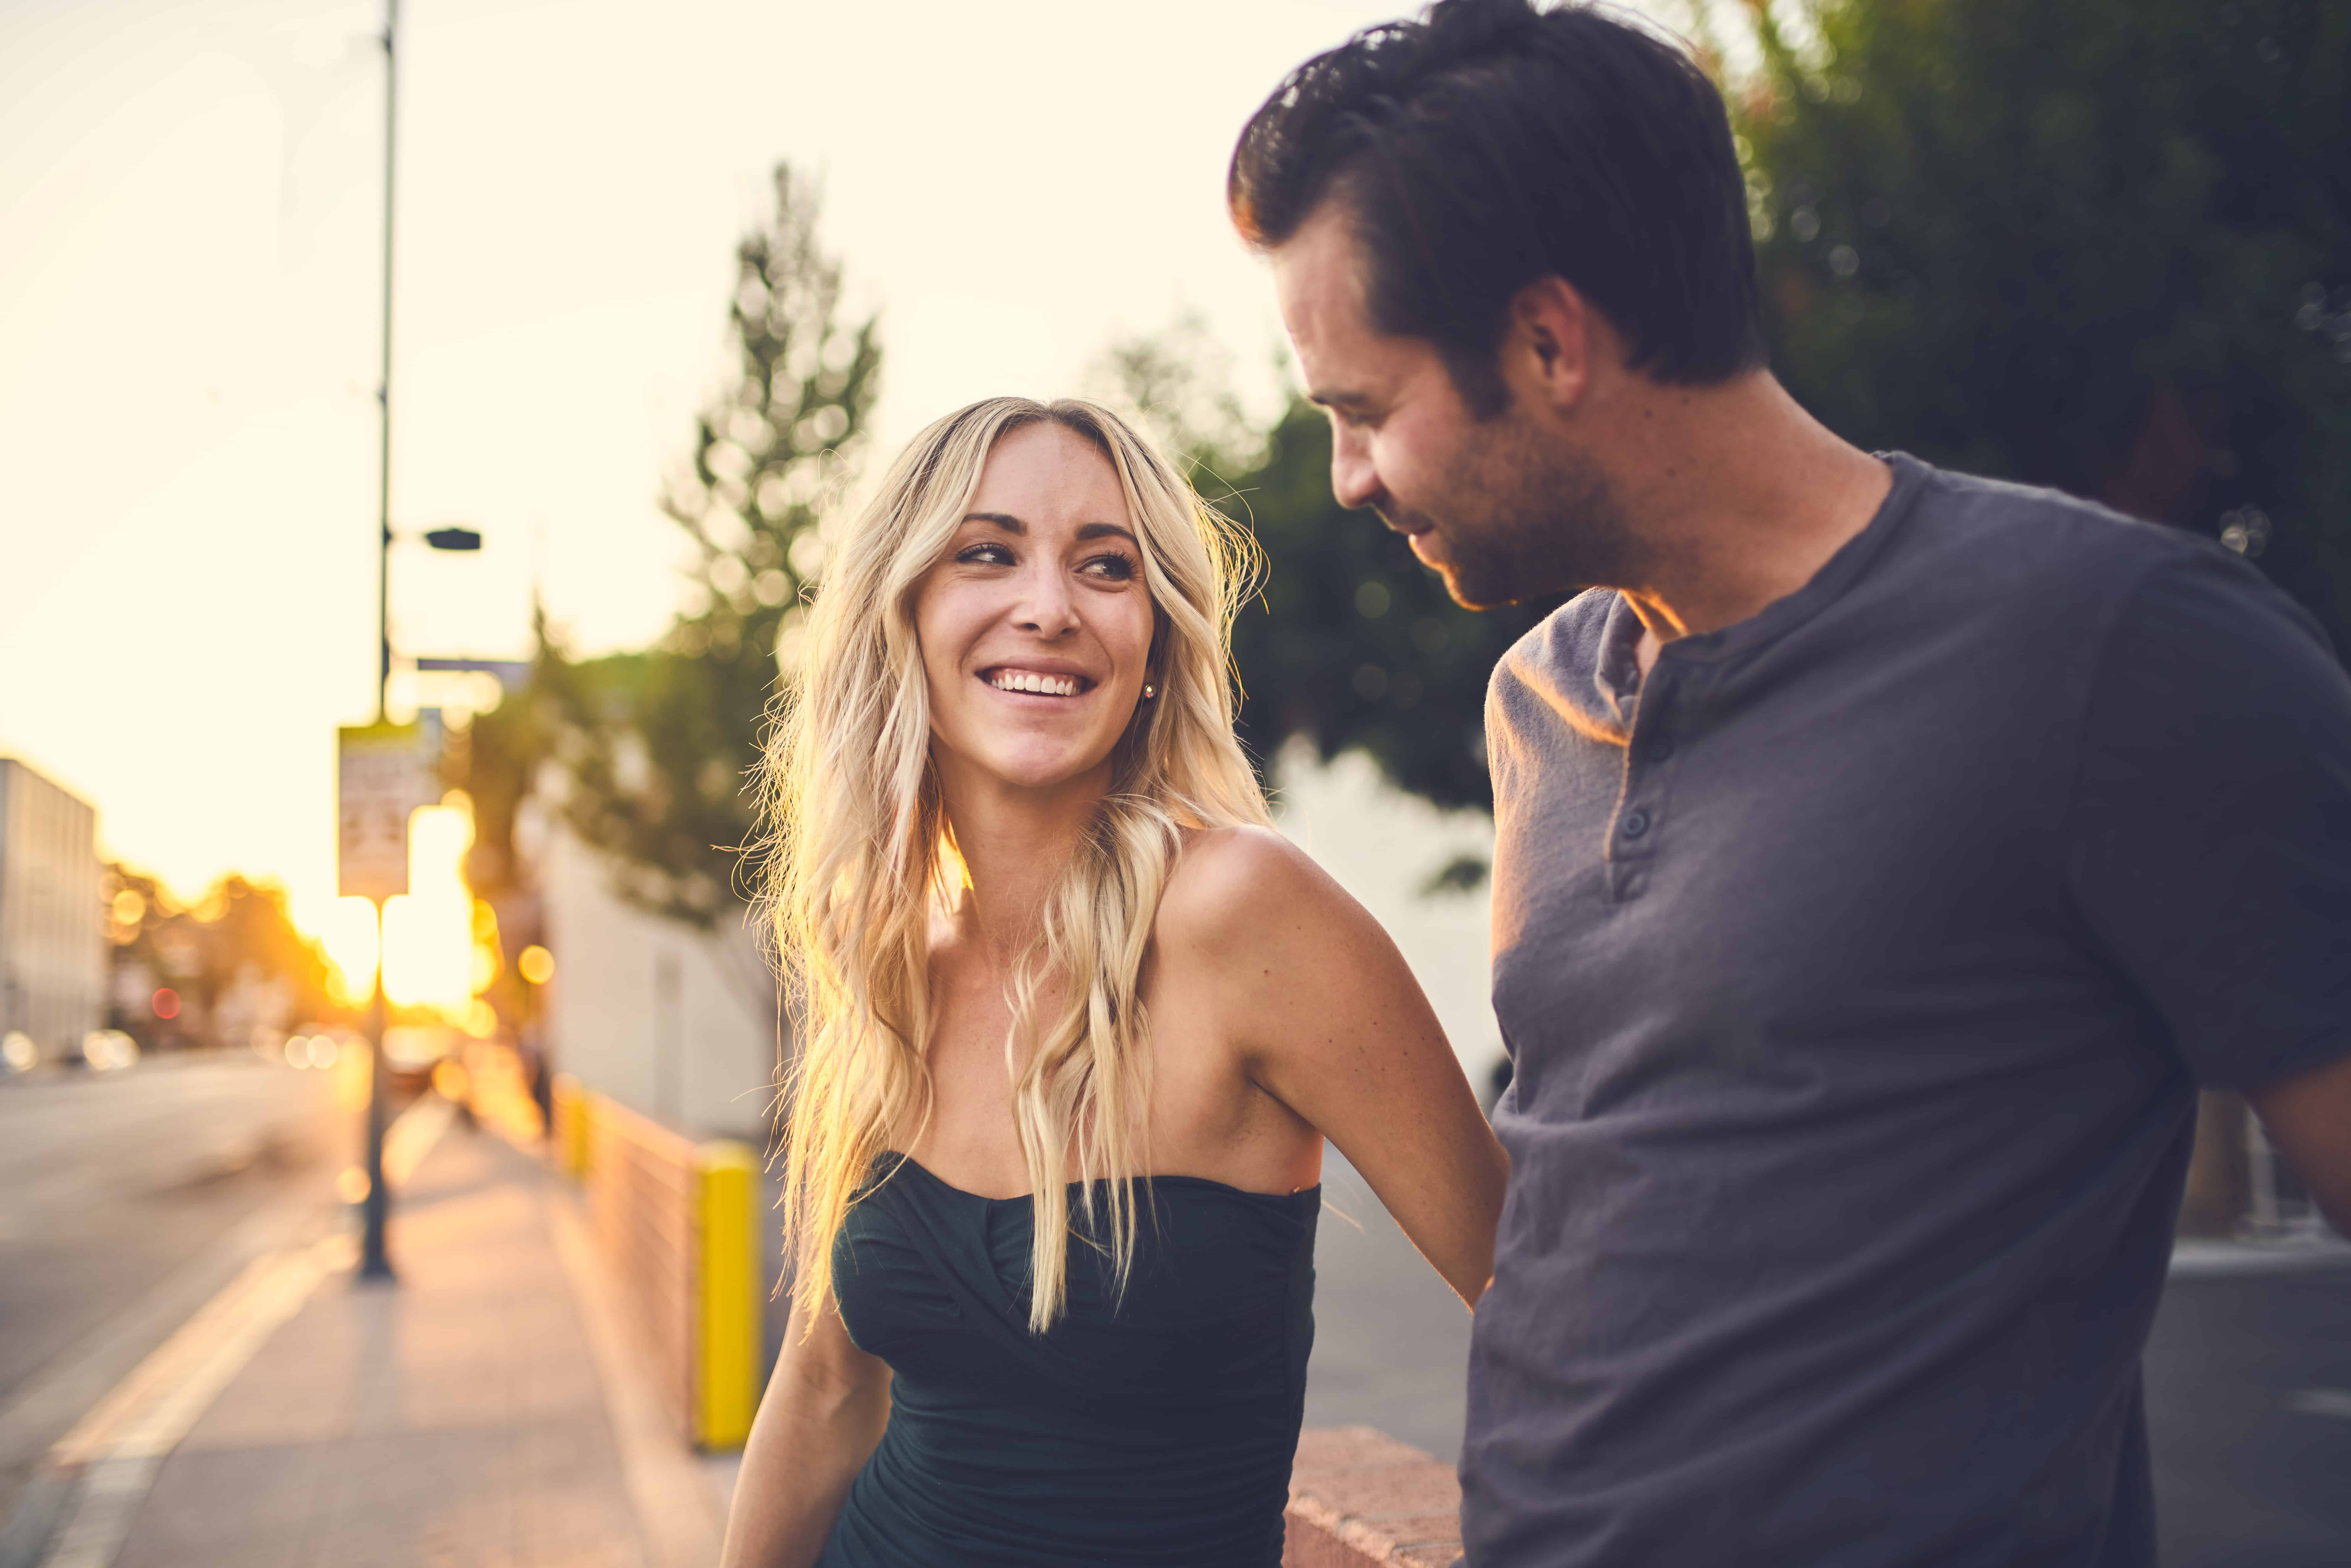 homme séduisant regardant femme souriante en marchant ensemble